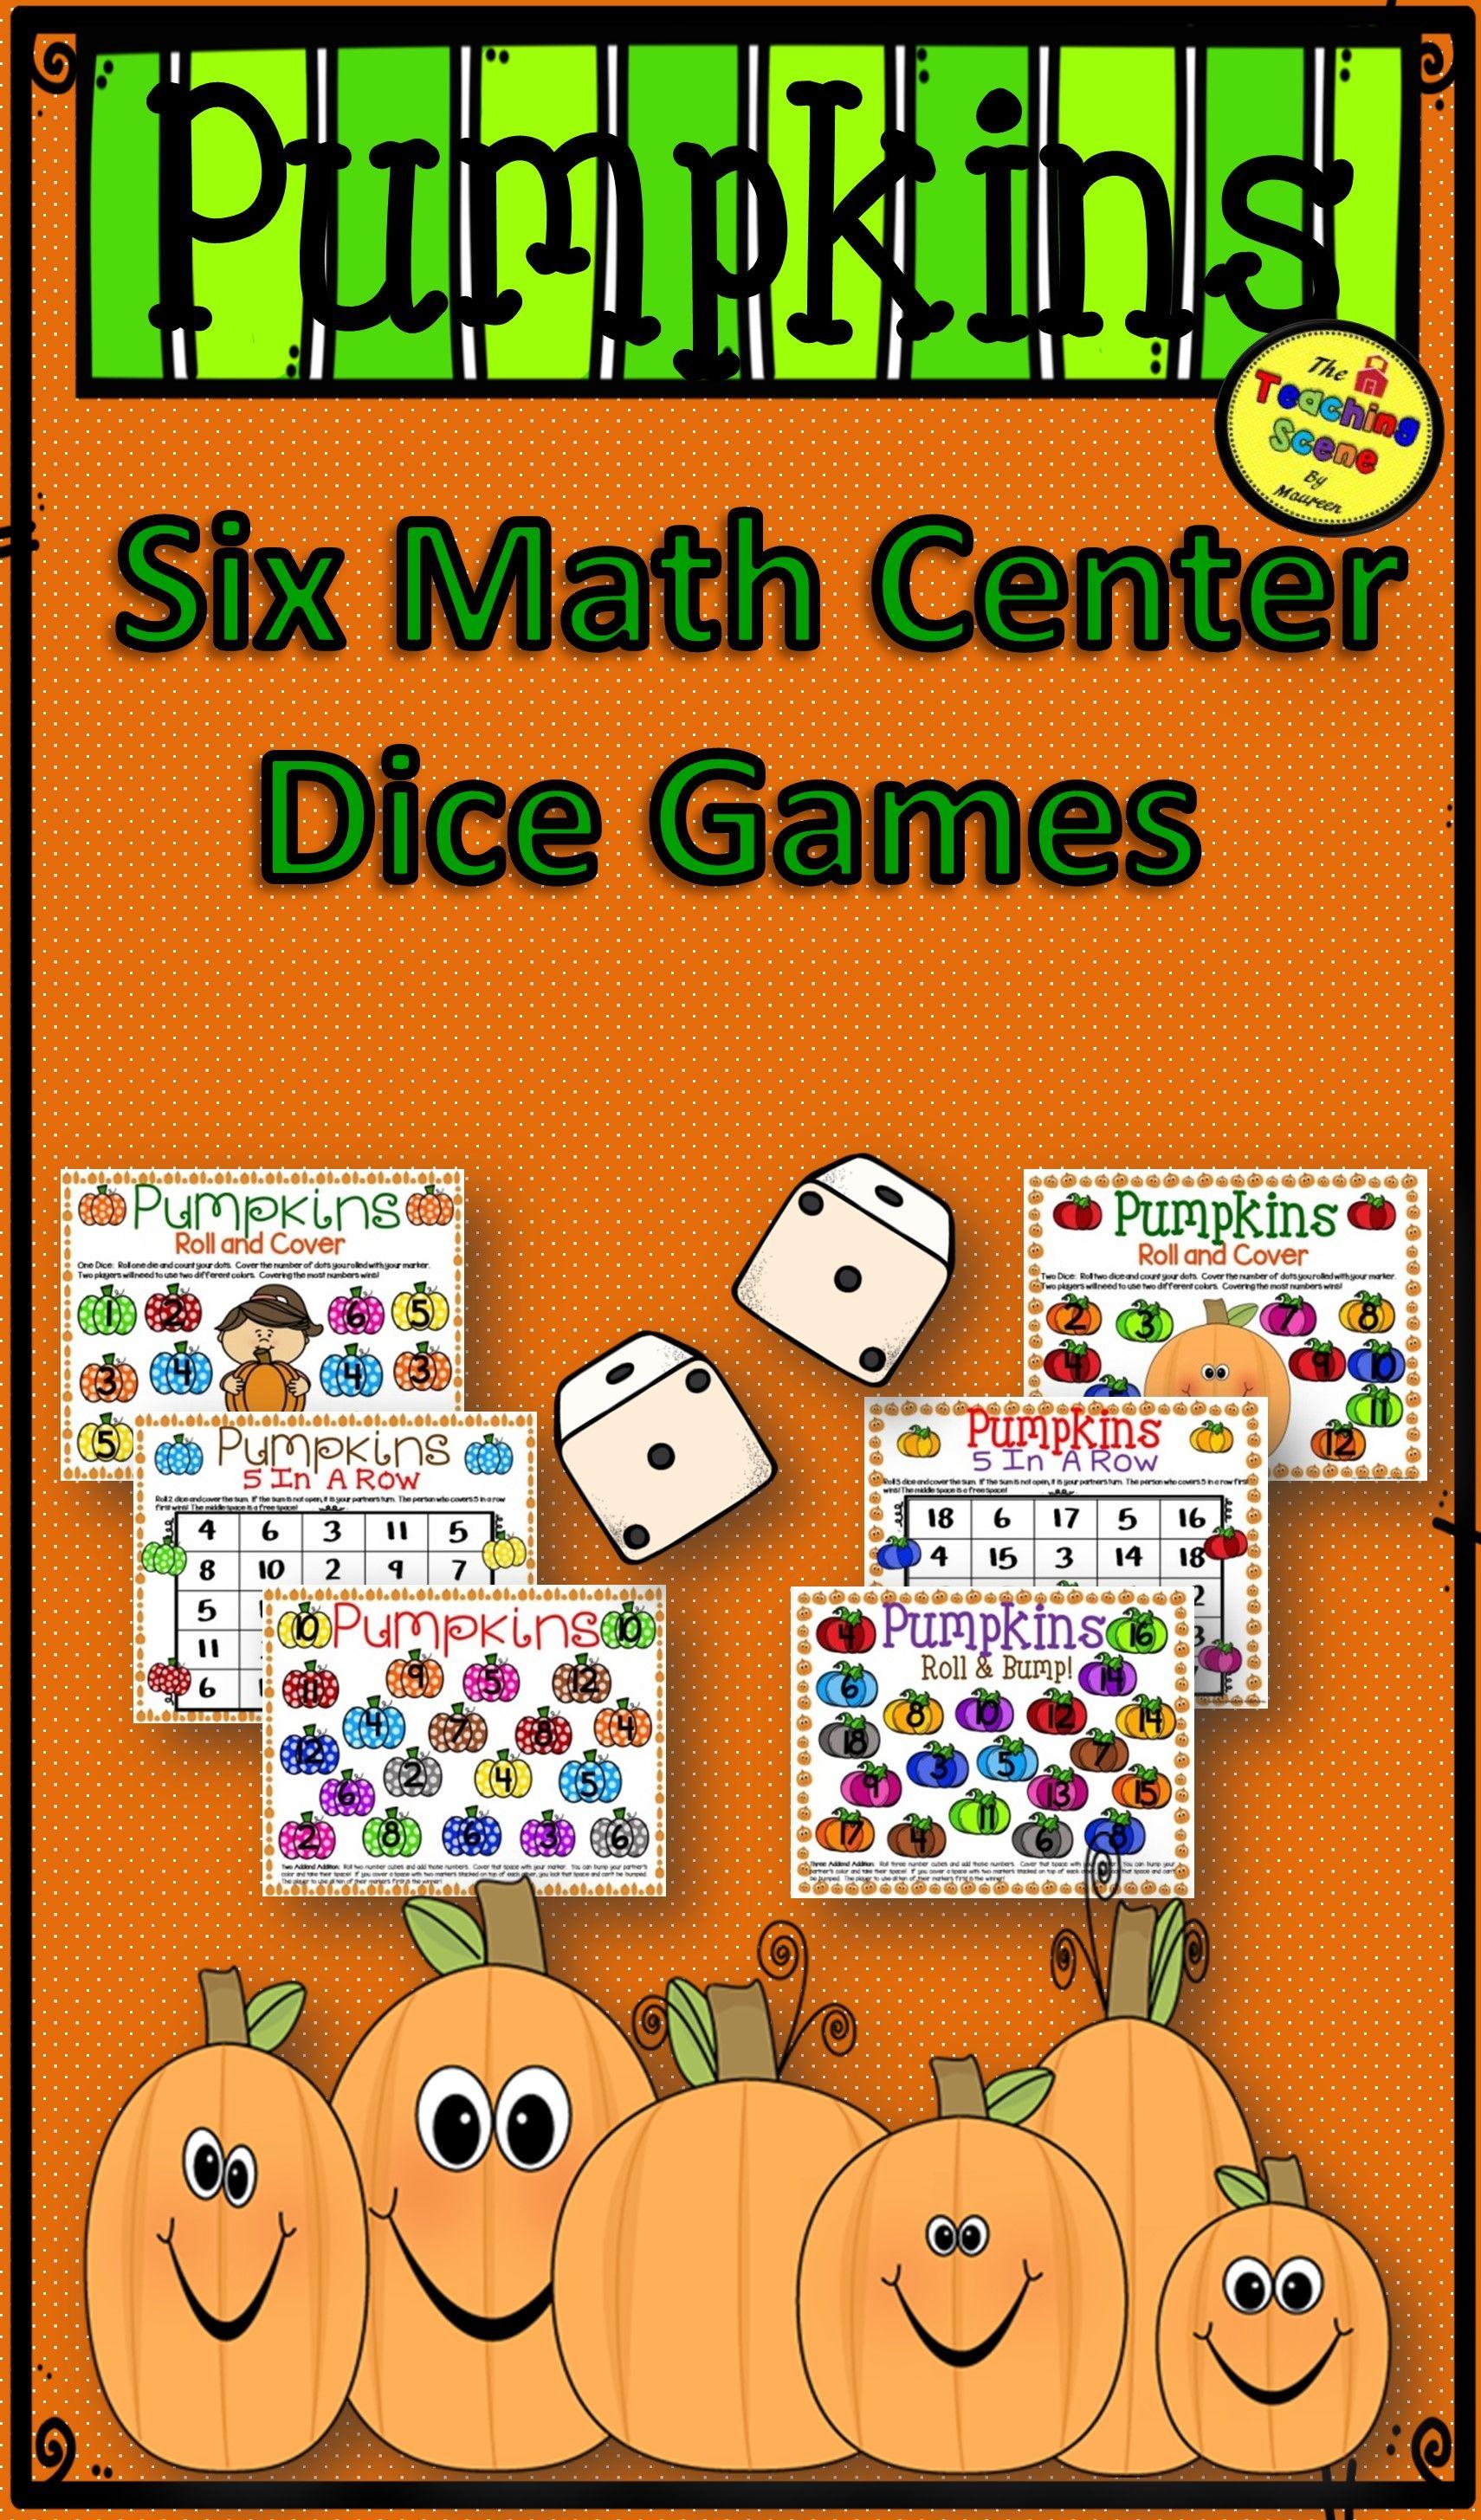 Pumpkin Math Center Dice Games Math centers, Math, Math